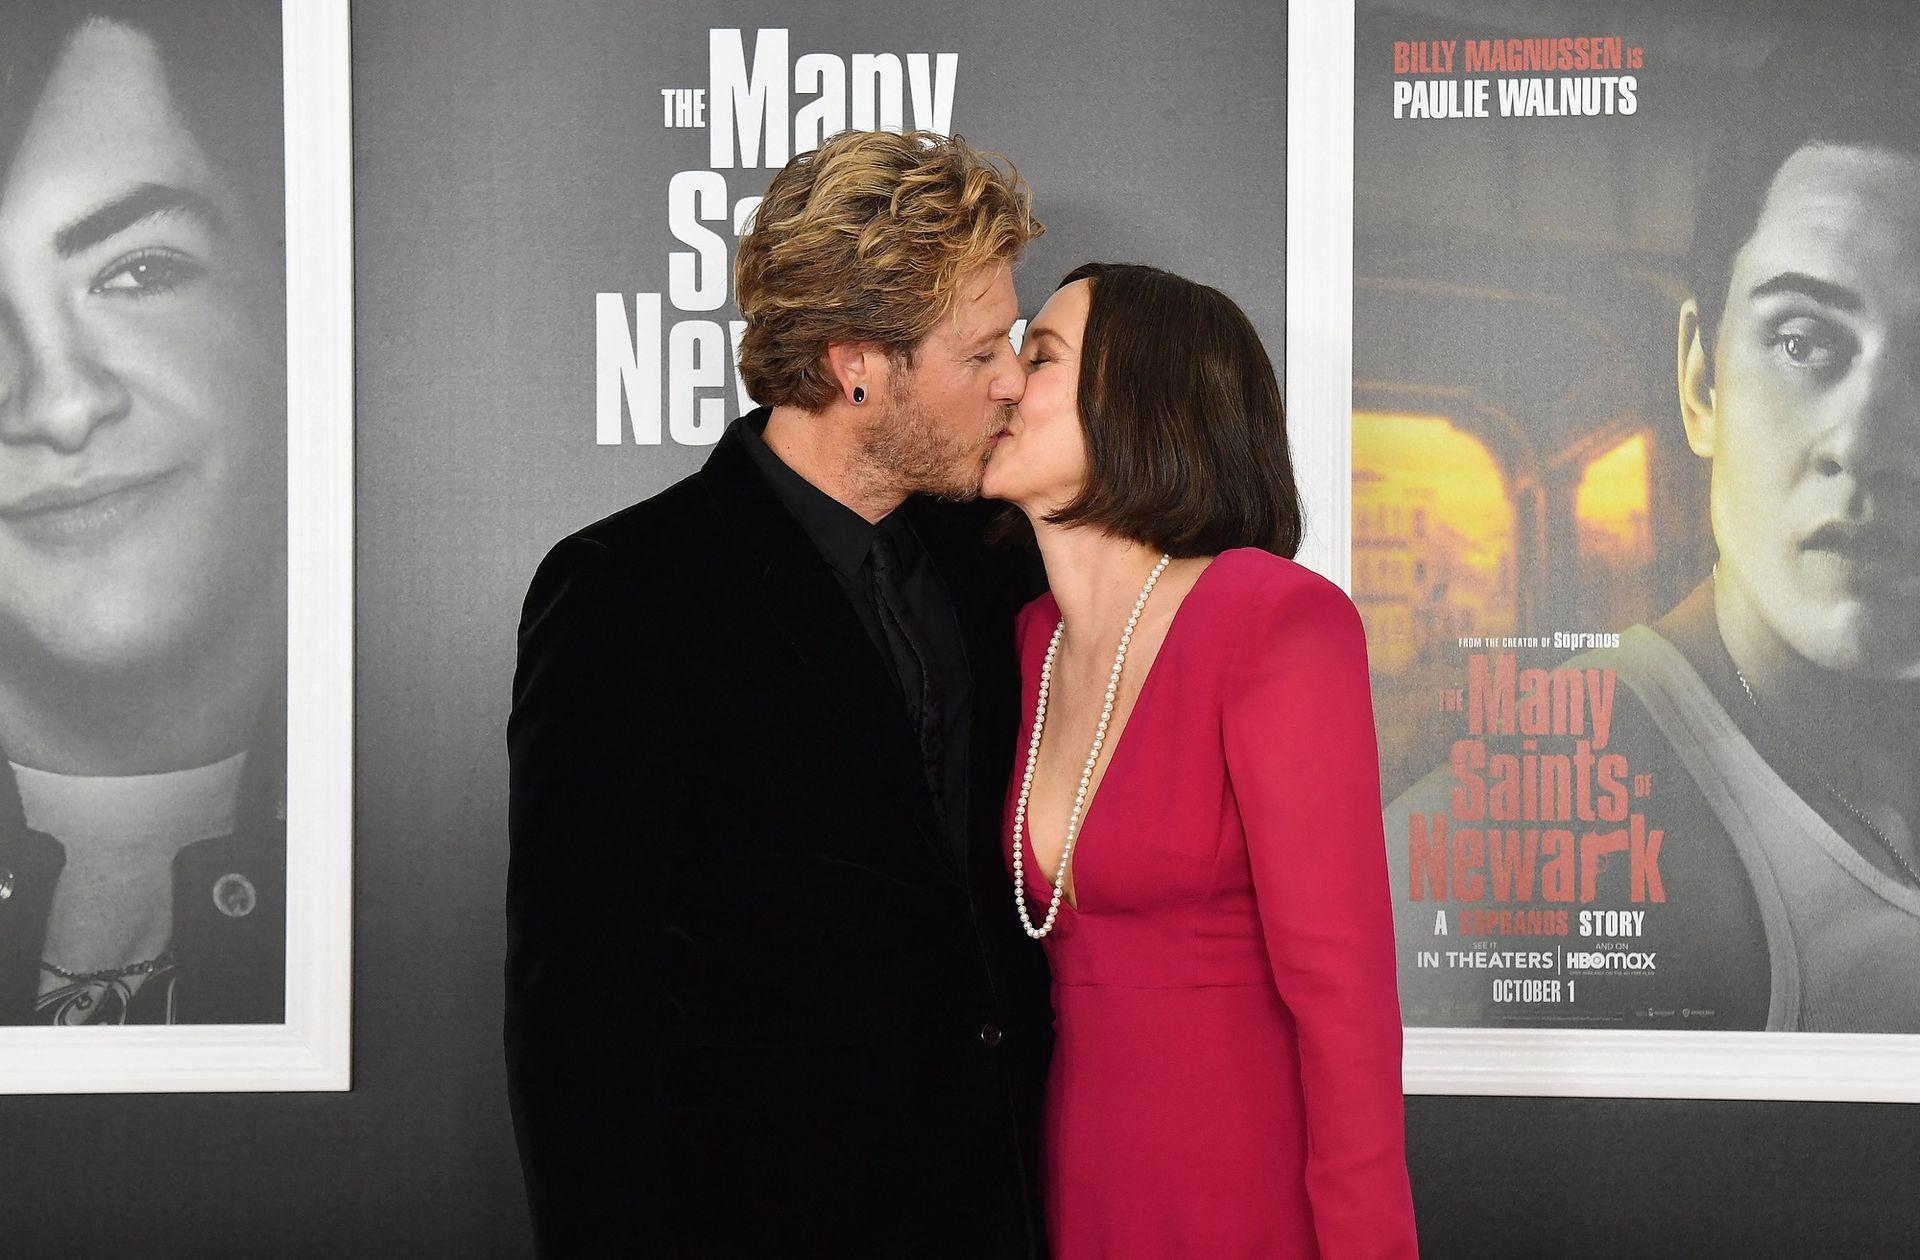 A puro beso: la actriz Vera Farmiga y su esposo, el músico Renn Hawkey, en la premiere de Los santos de la mafia